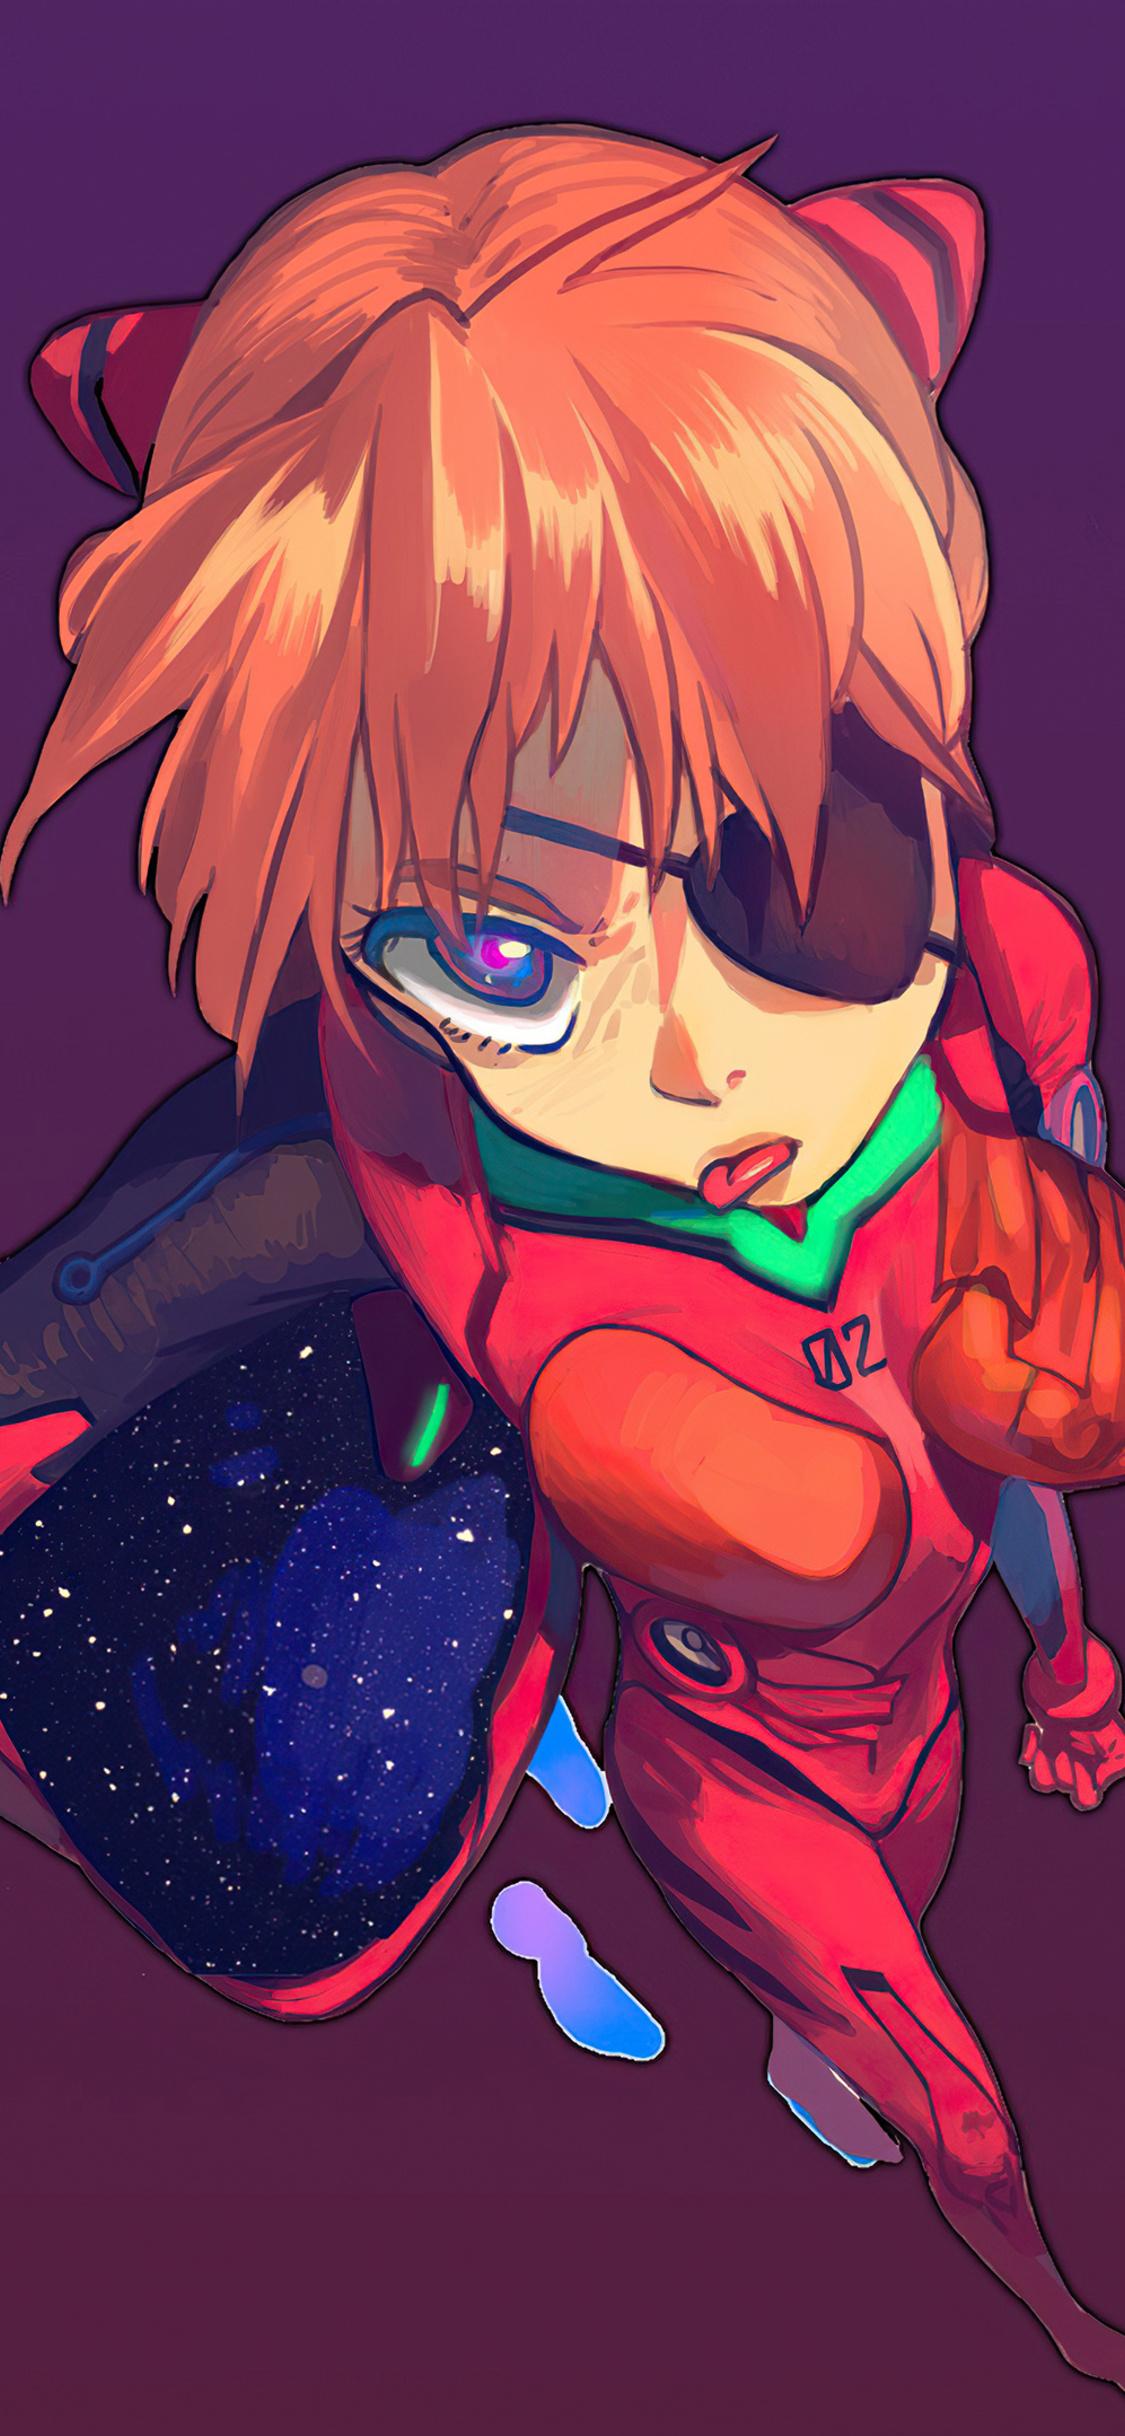 1125x2436 Neon Genesis Evangelion Asuka Langley Soryu 4k ...